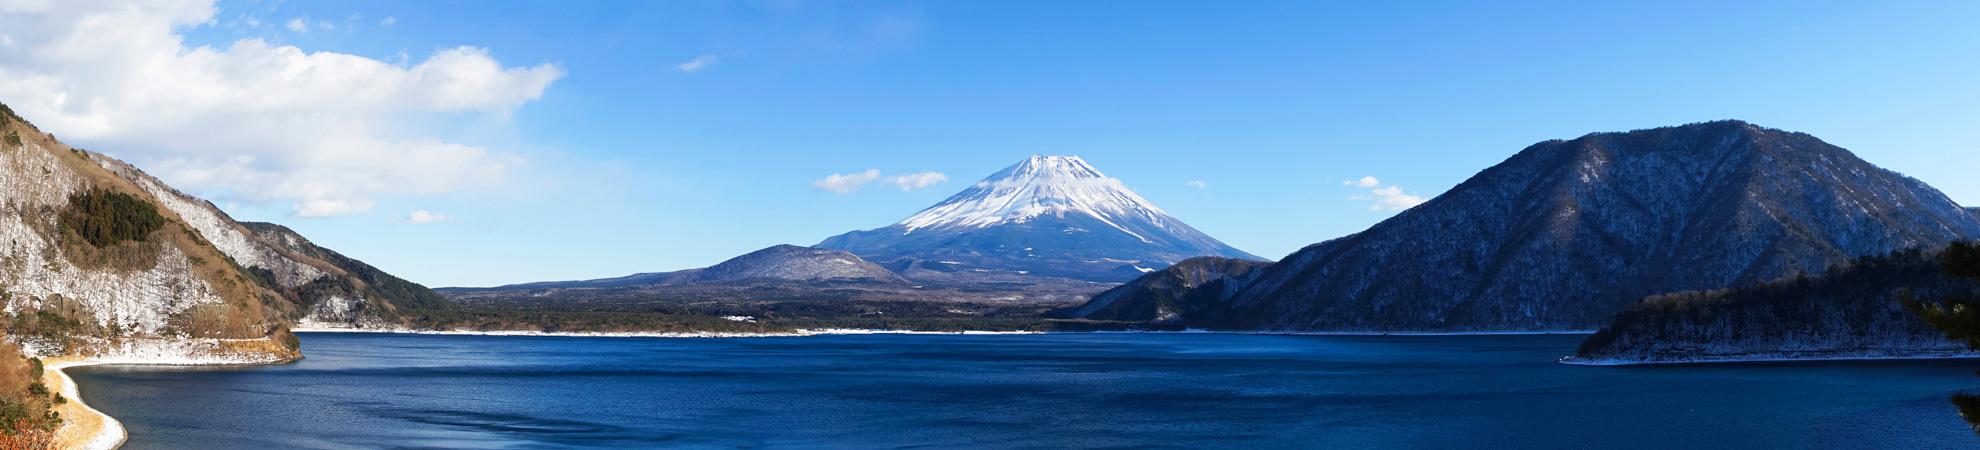 Comment bien choisir son assurance avant son circuit au Japon ?